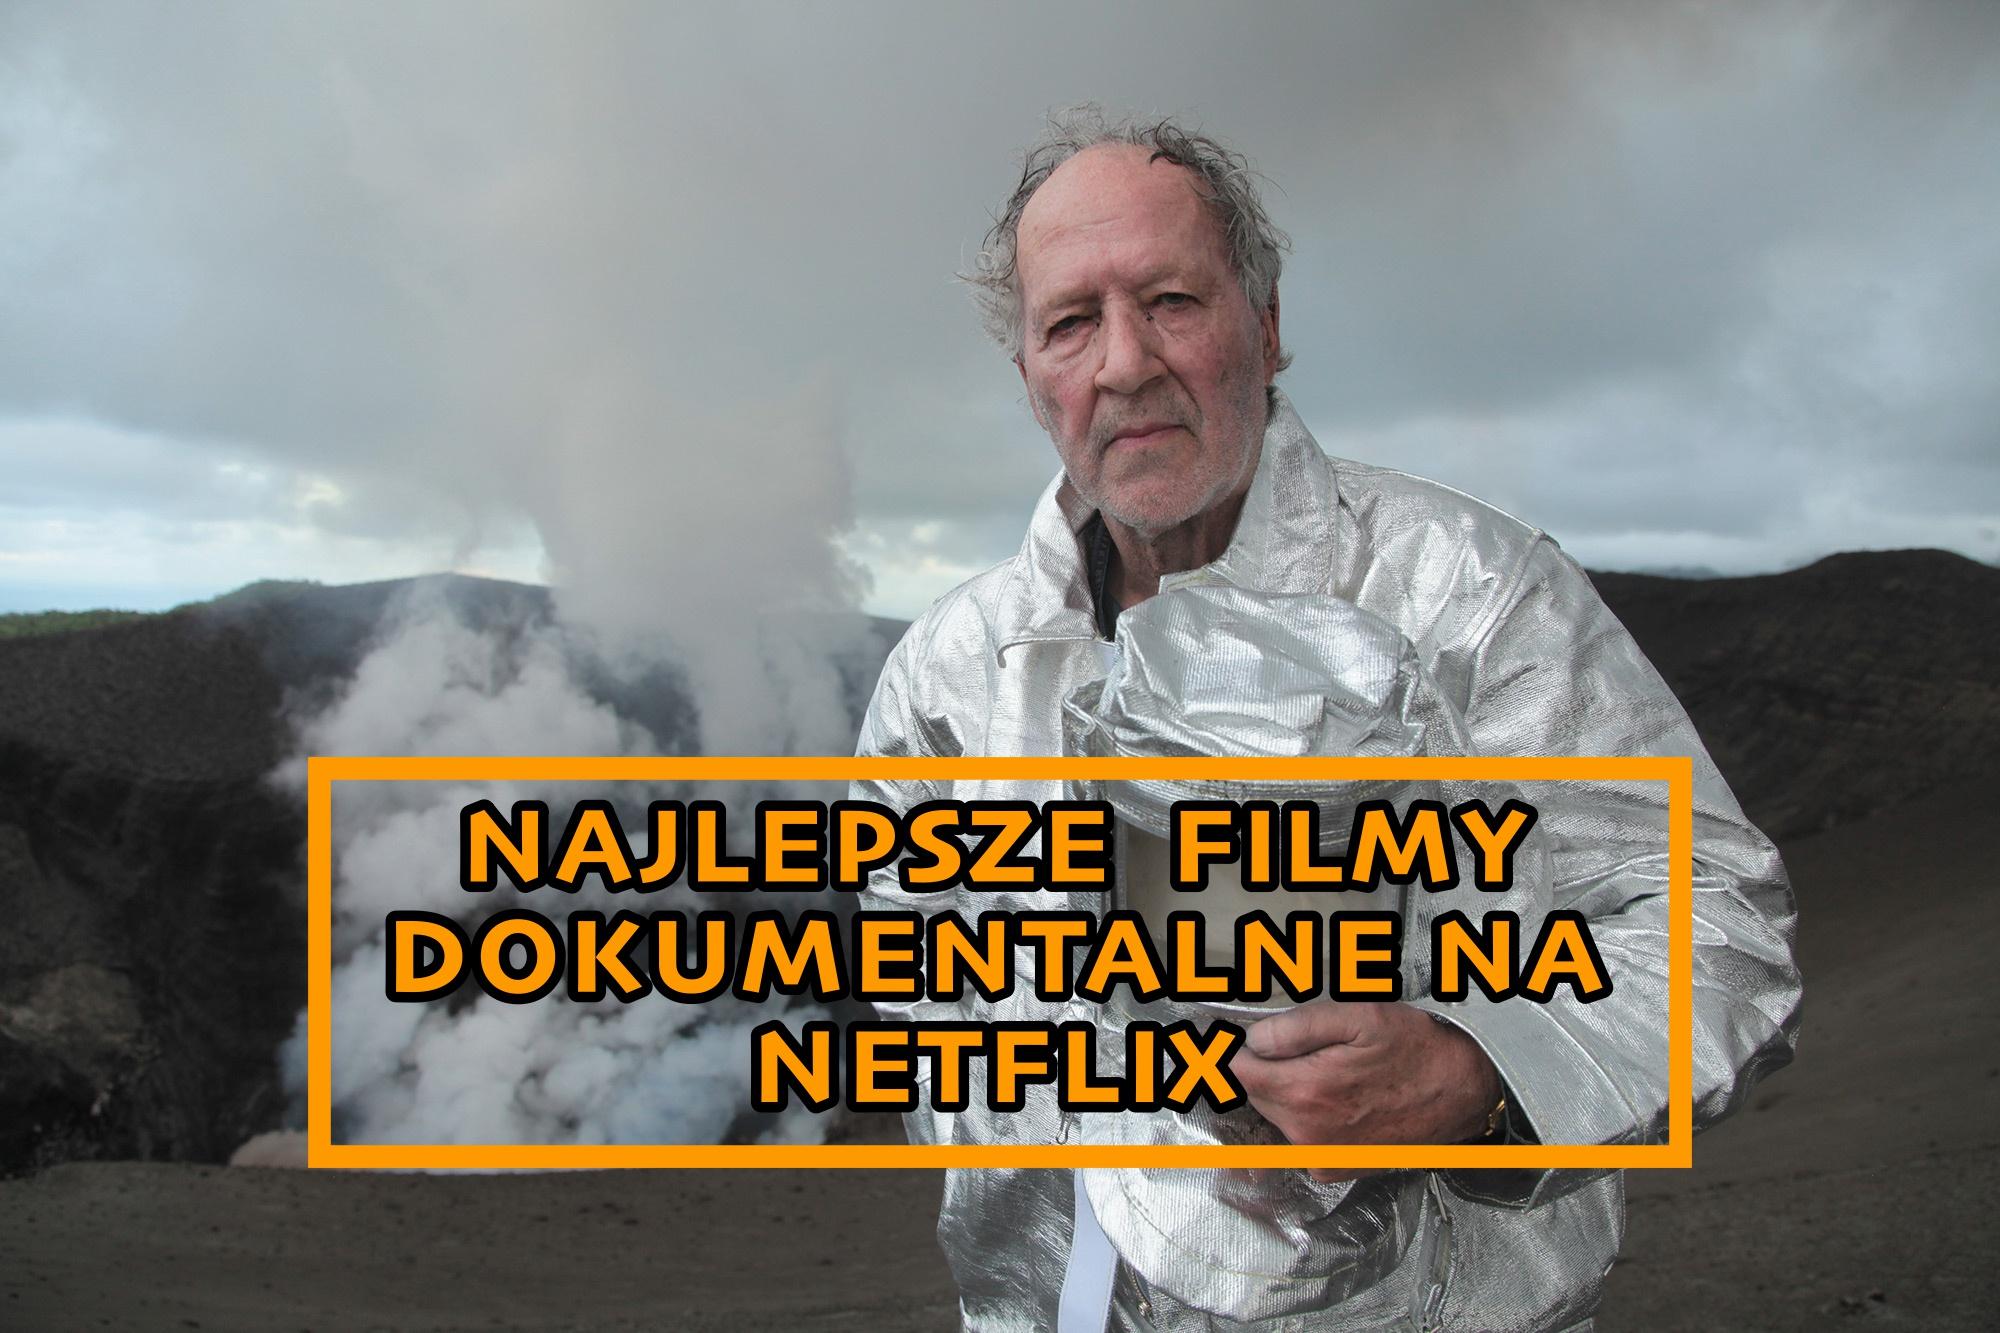 Najlepsze filmy dokumentalne na Netflix